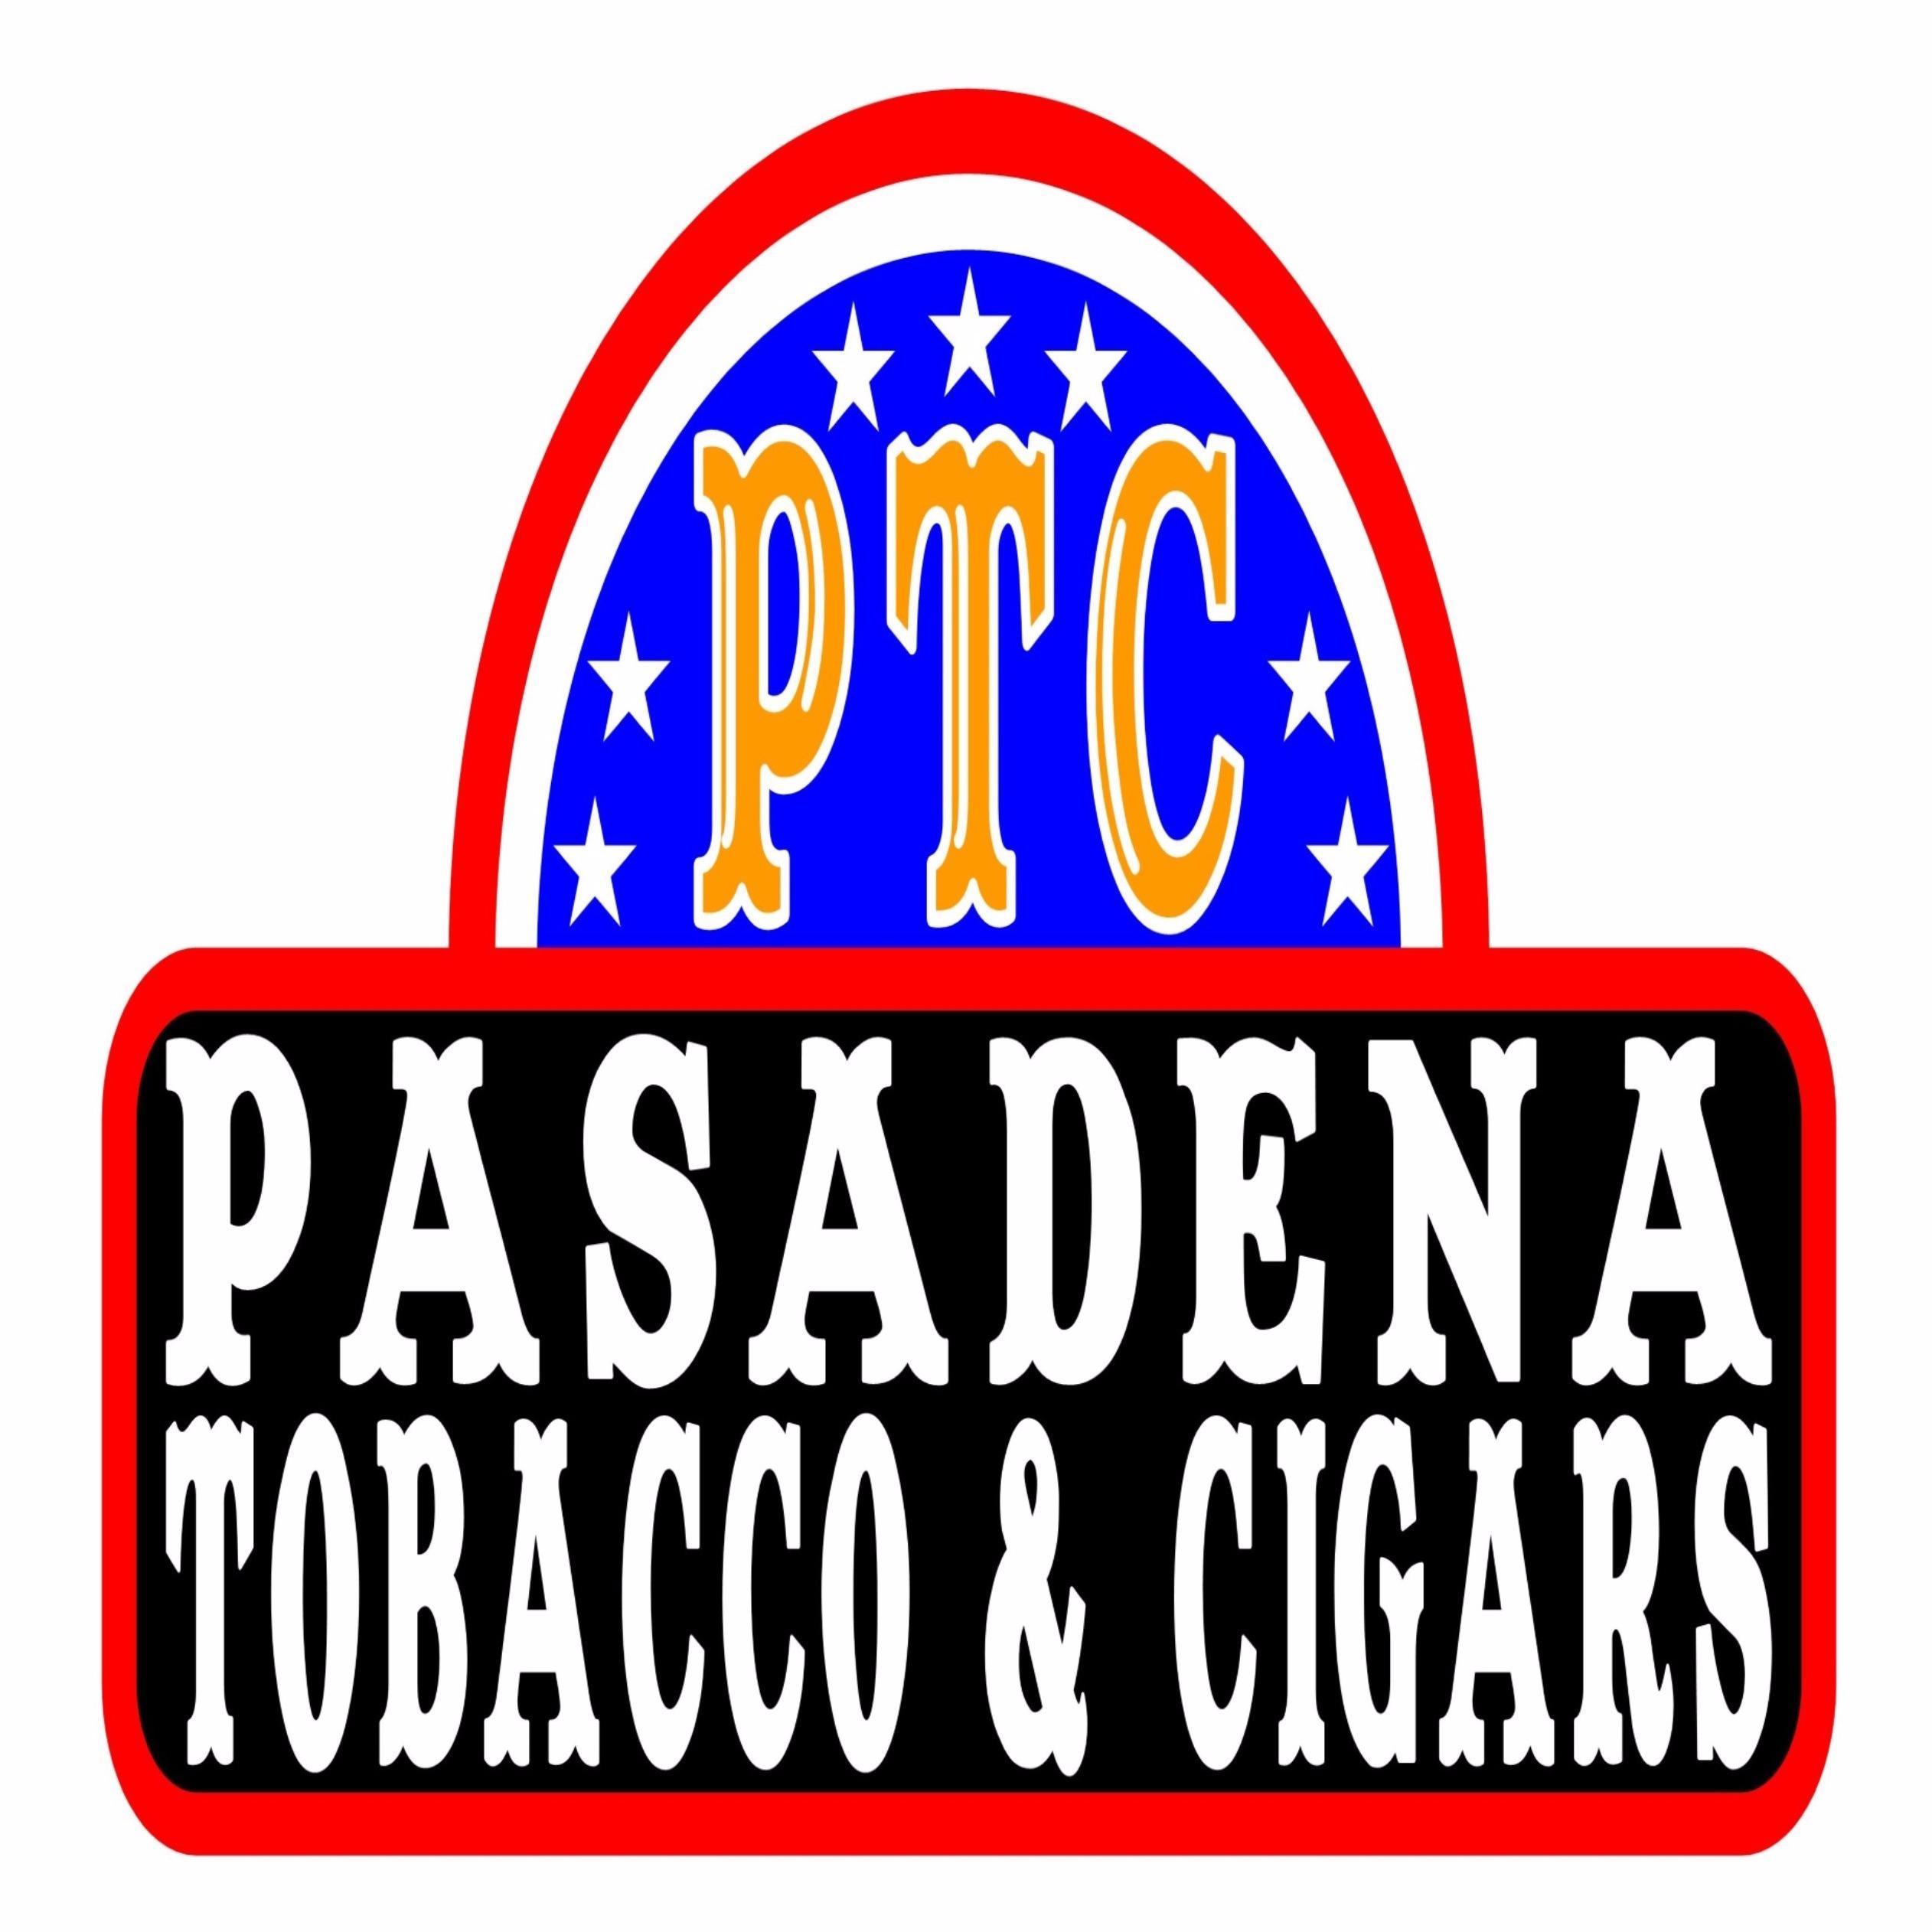 PASADENA TOBACCO & CIGARS - Pasadena, TX - Tobacco Shops